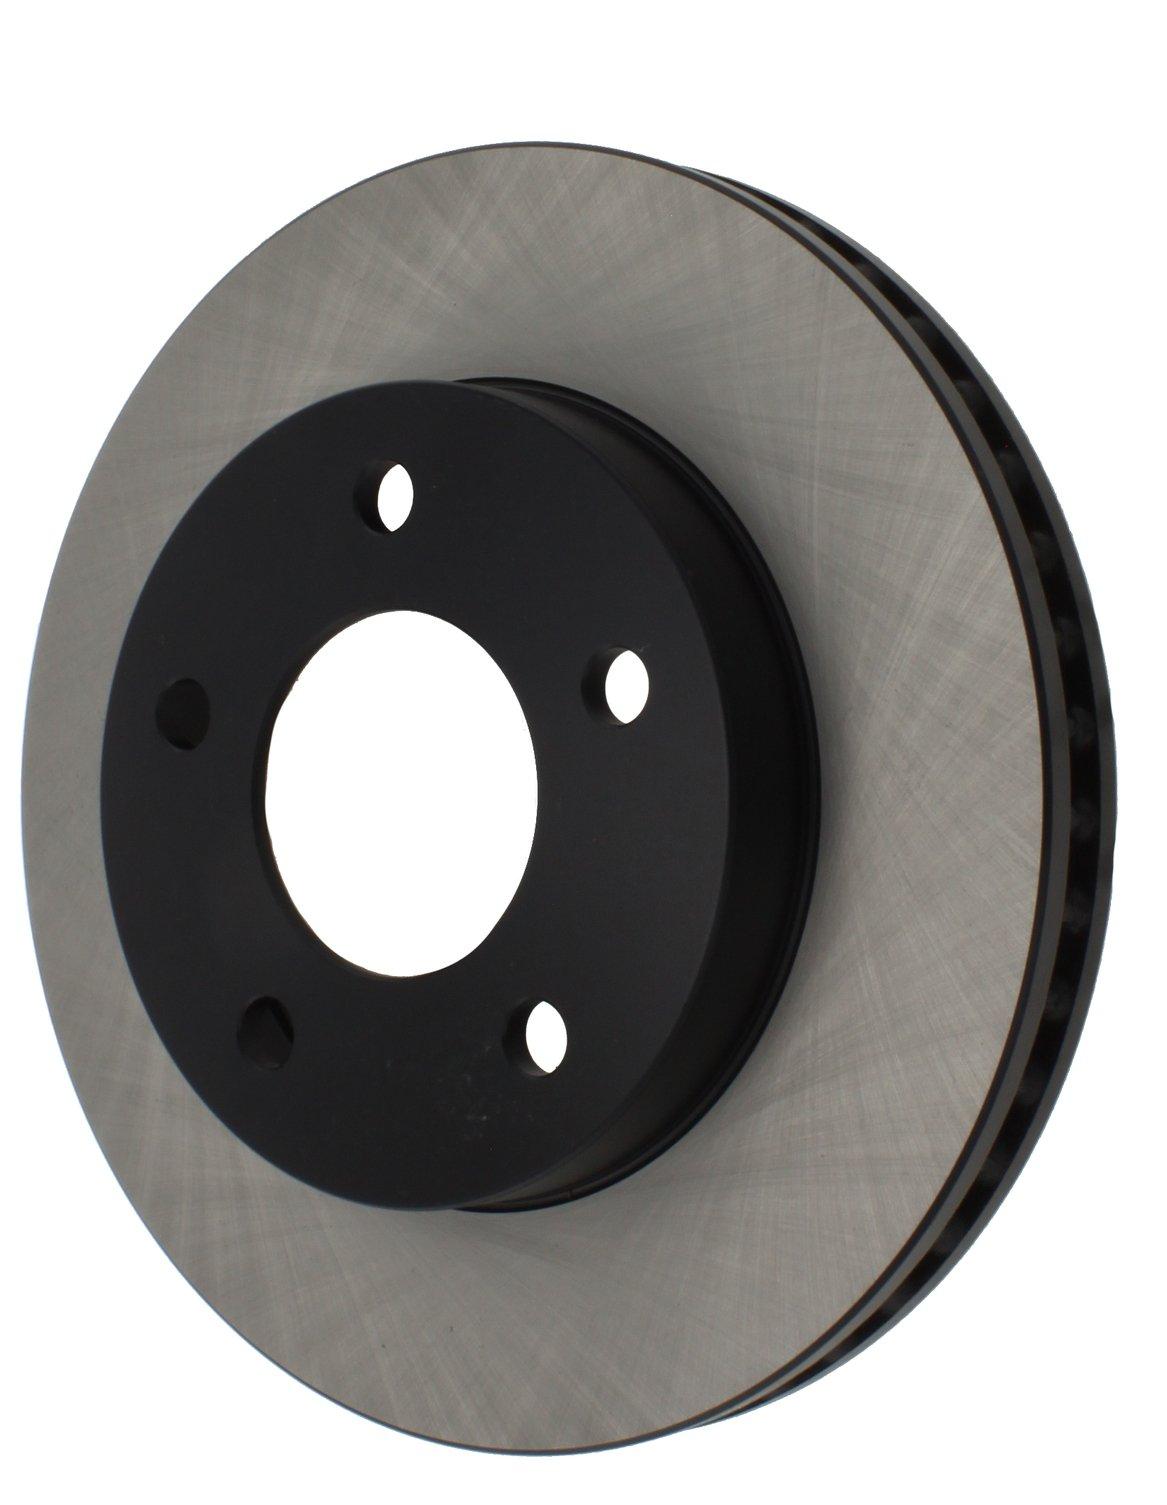 Bendix Premium Drum and Rotor PRT1378 Rear Rotor